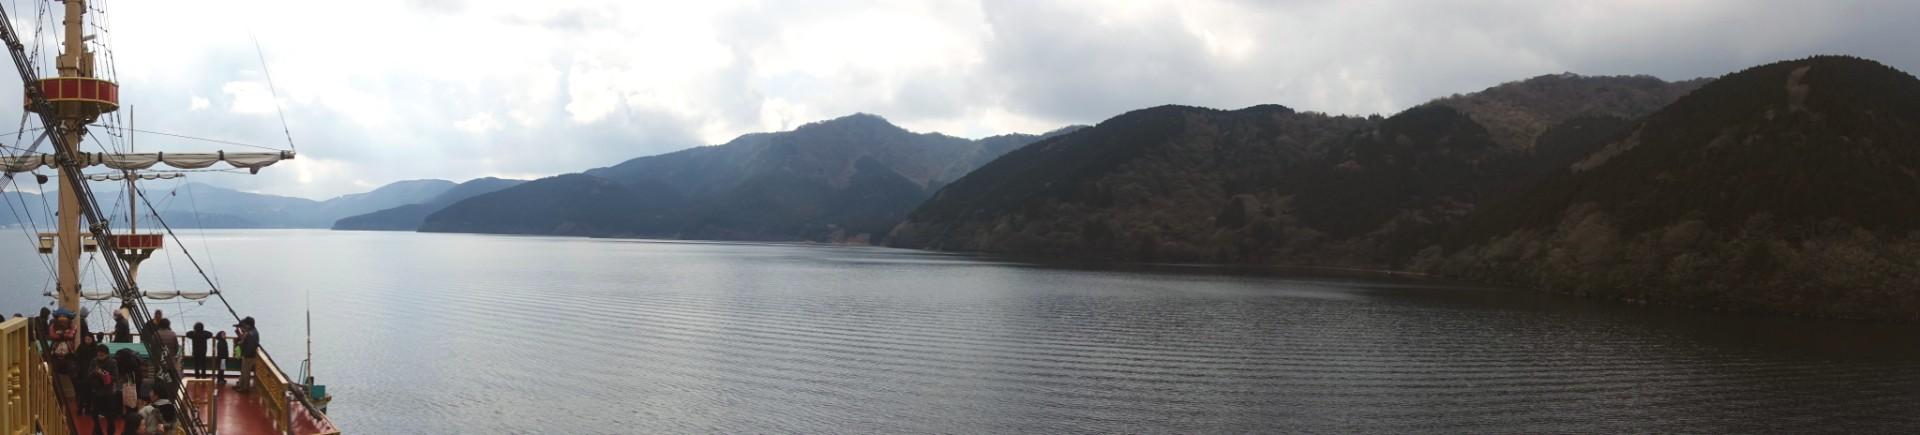 Vue panoramique sur le lac Ashi à Hakone, Kanagawa, Japon